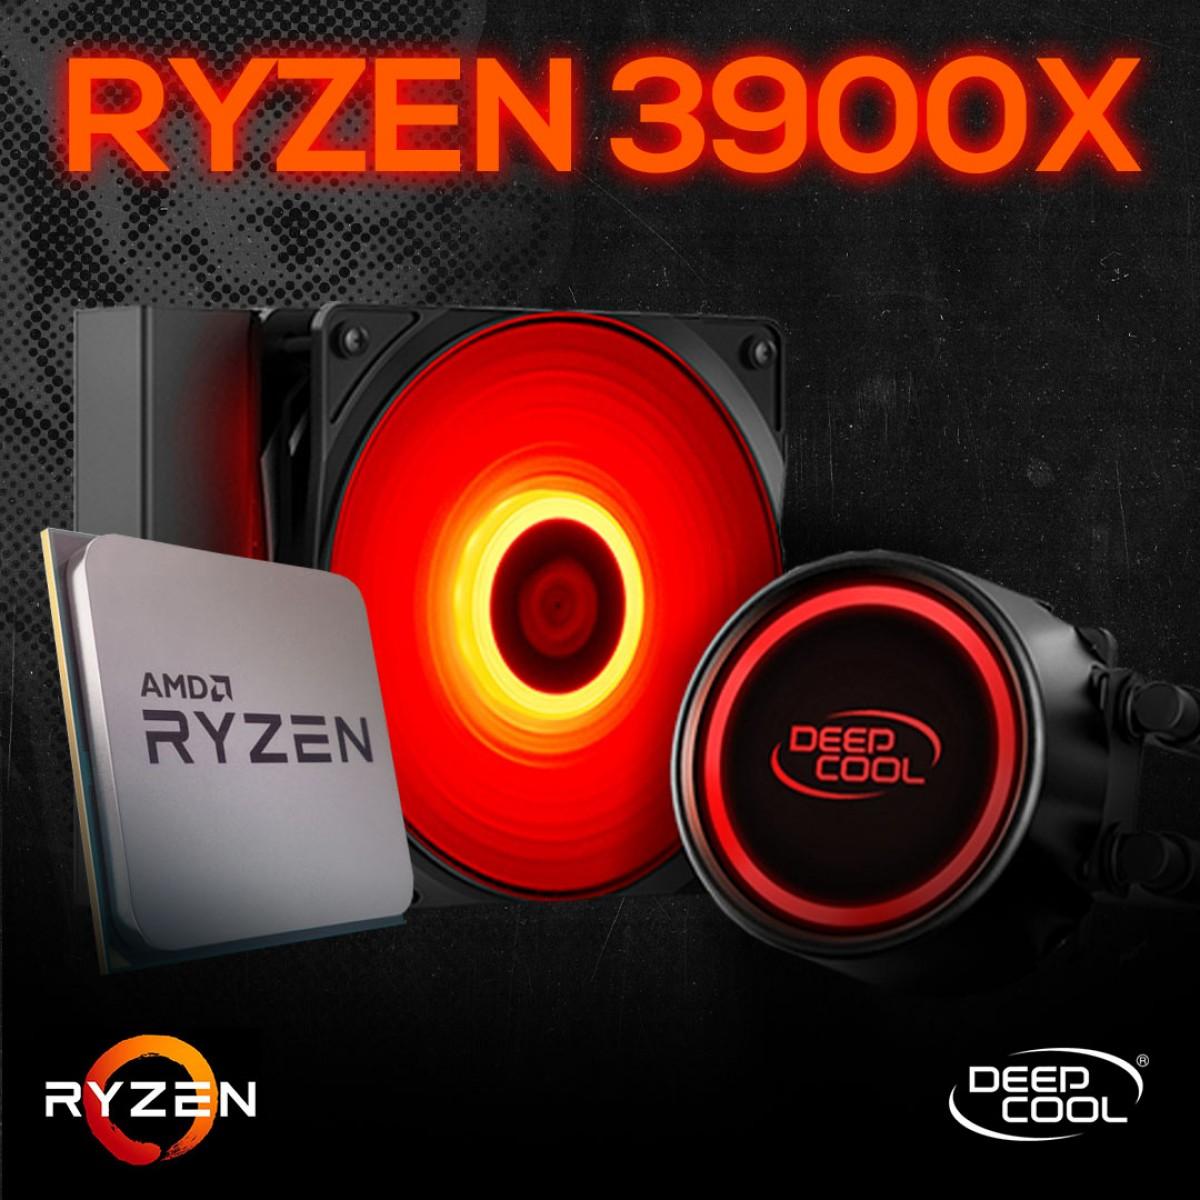 Kit Processador AMD Ryzen 9 3900x 3.8ghz (4.6ghz Turbo), 12-cores 24-threads, + Water Cooler DeepCool Gammaxx L120T